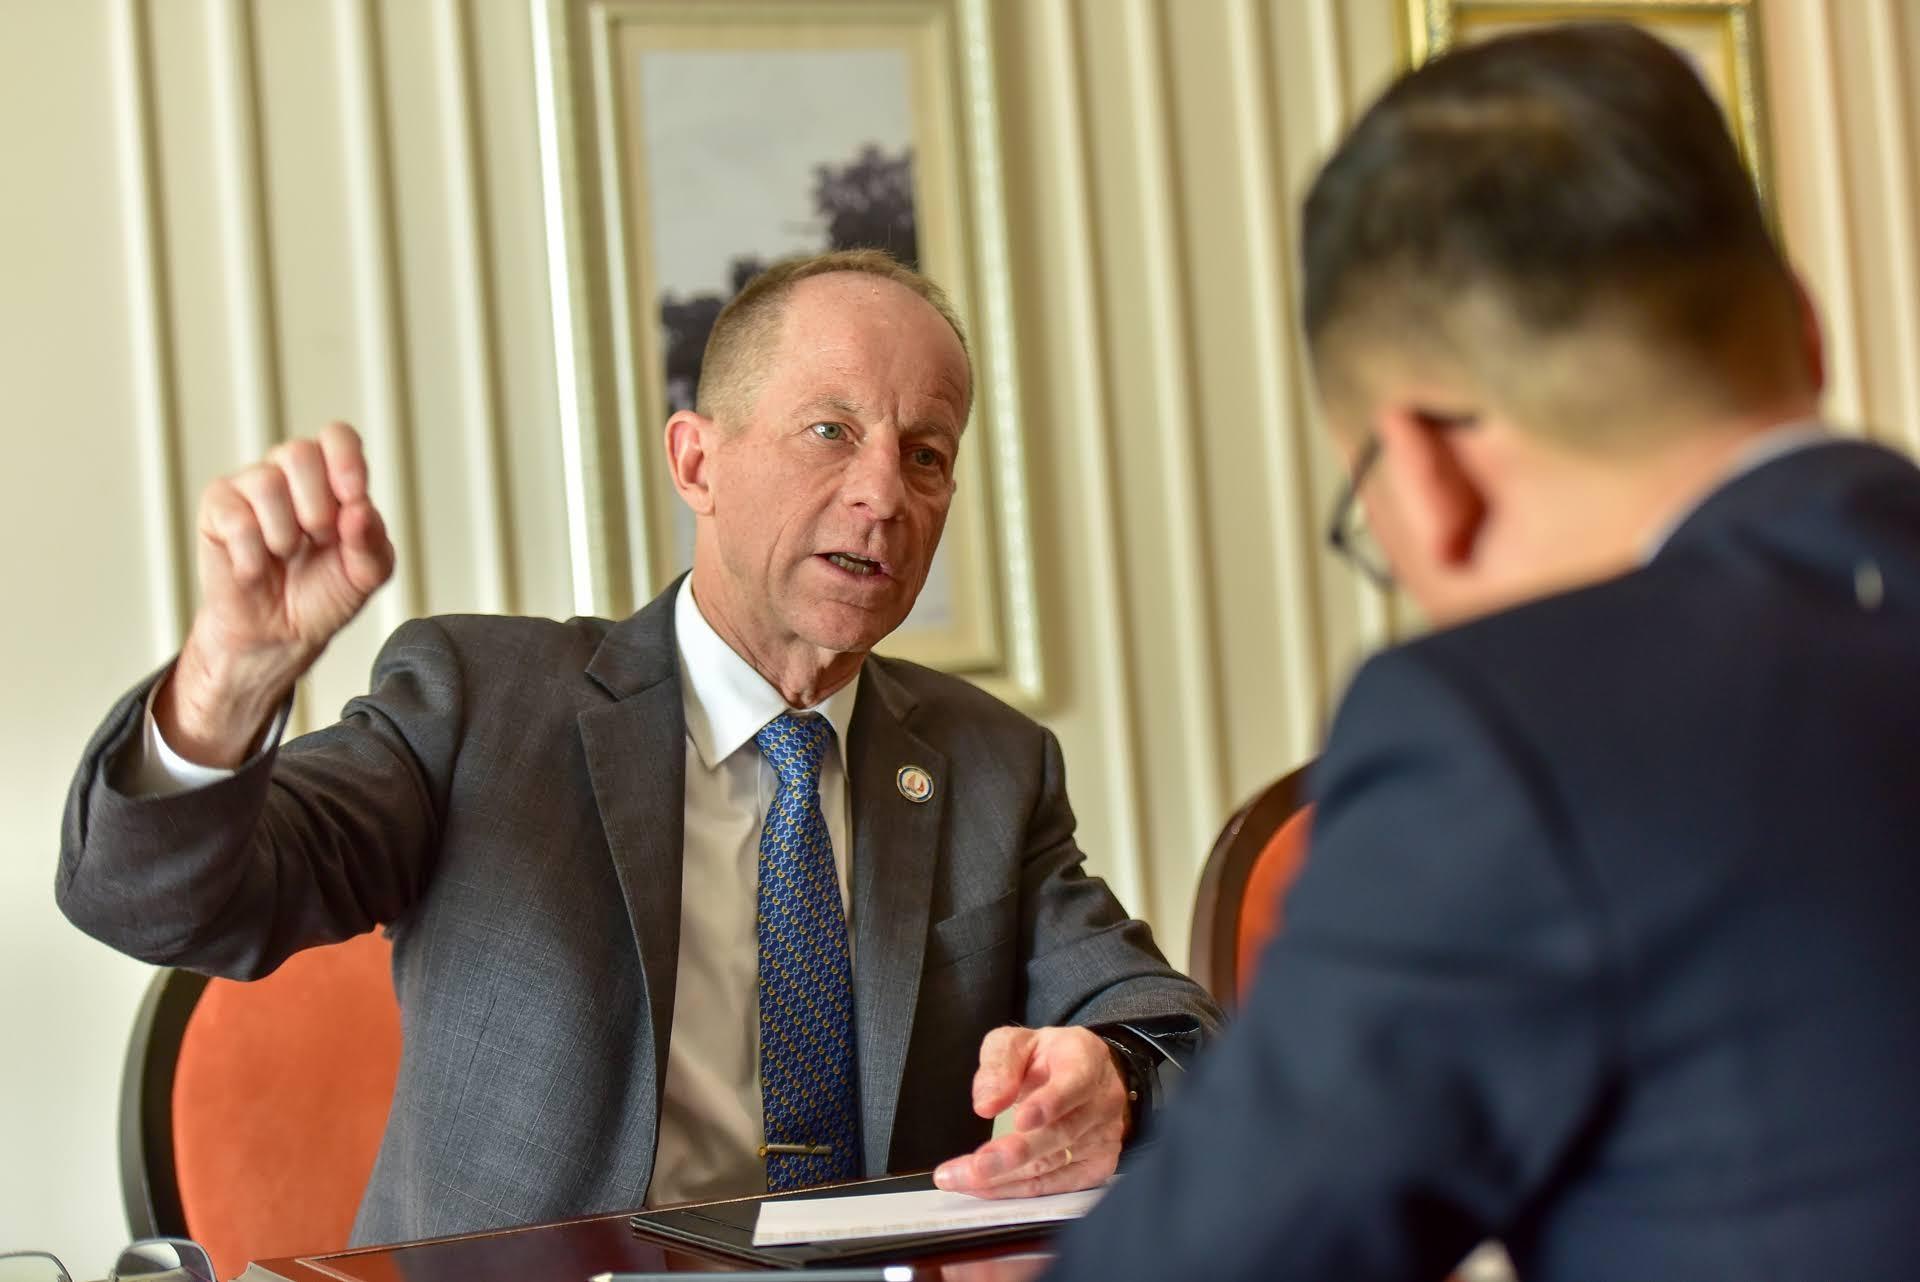 Trợ lý Ngoại trưởng Mỹ: Mỹ ủng hộ Việt Nam nắm giữ các vai trò lãnh đạo toàn cầu - 2